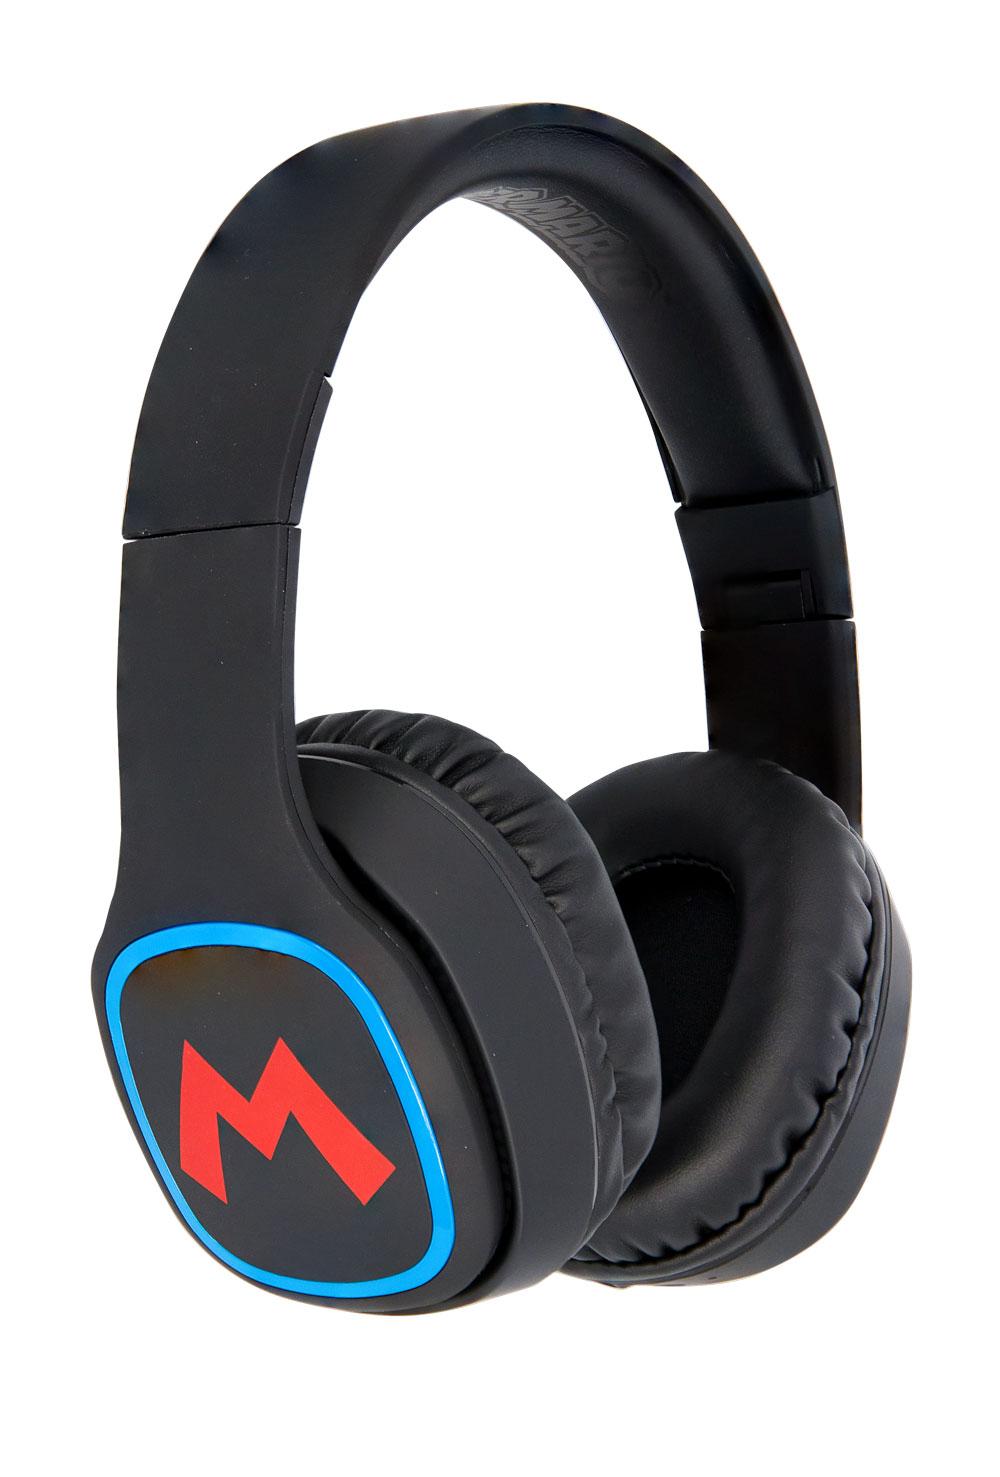 OTL - Junior Wireless Headphones - Super Mario (856531)